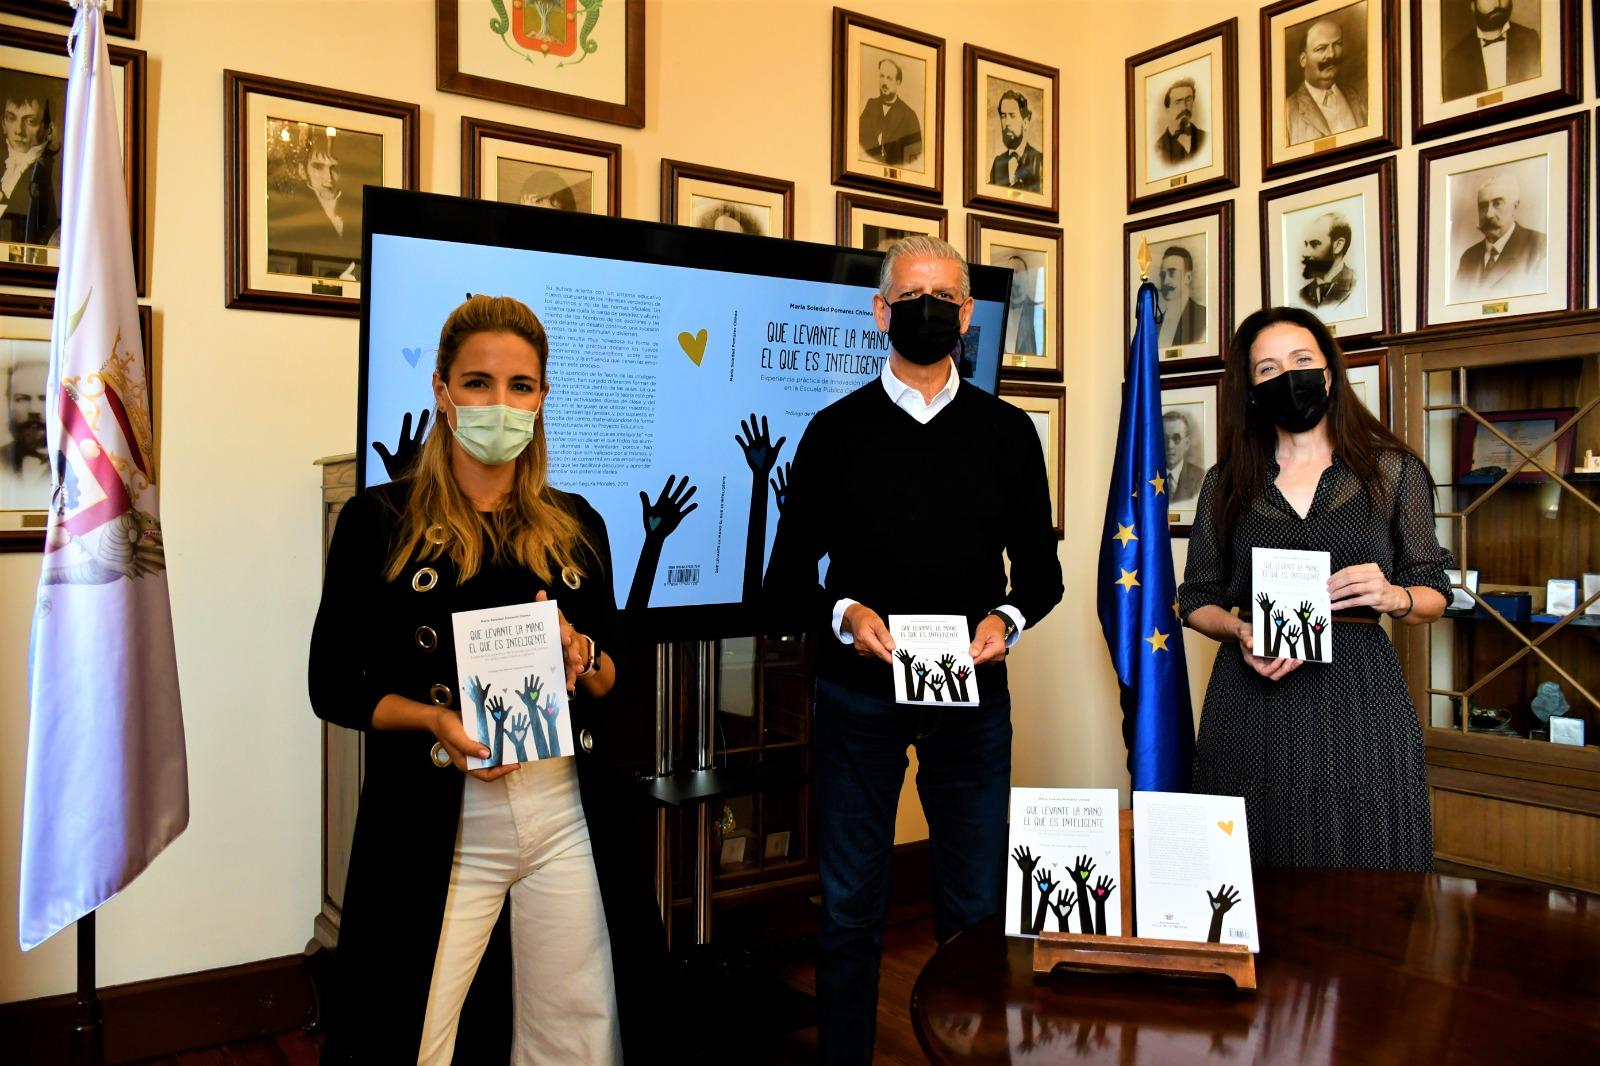 """Presentación del libro """"Que levante la mano el que es inteligente"""" del CEIP Aguamansa / CanariasNoticias.es"""